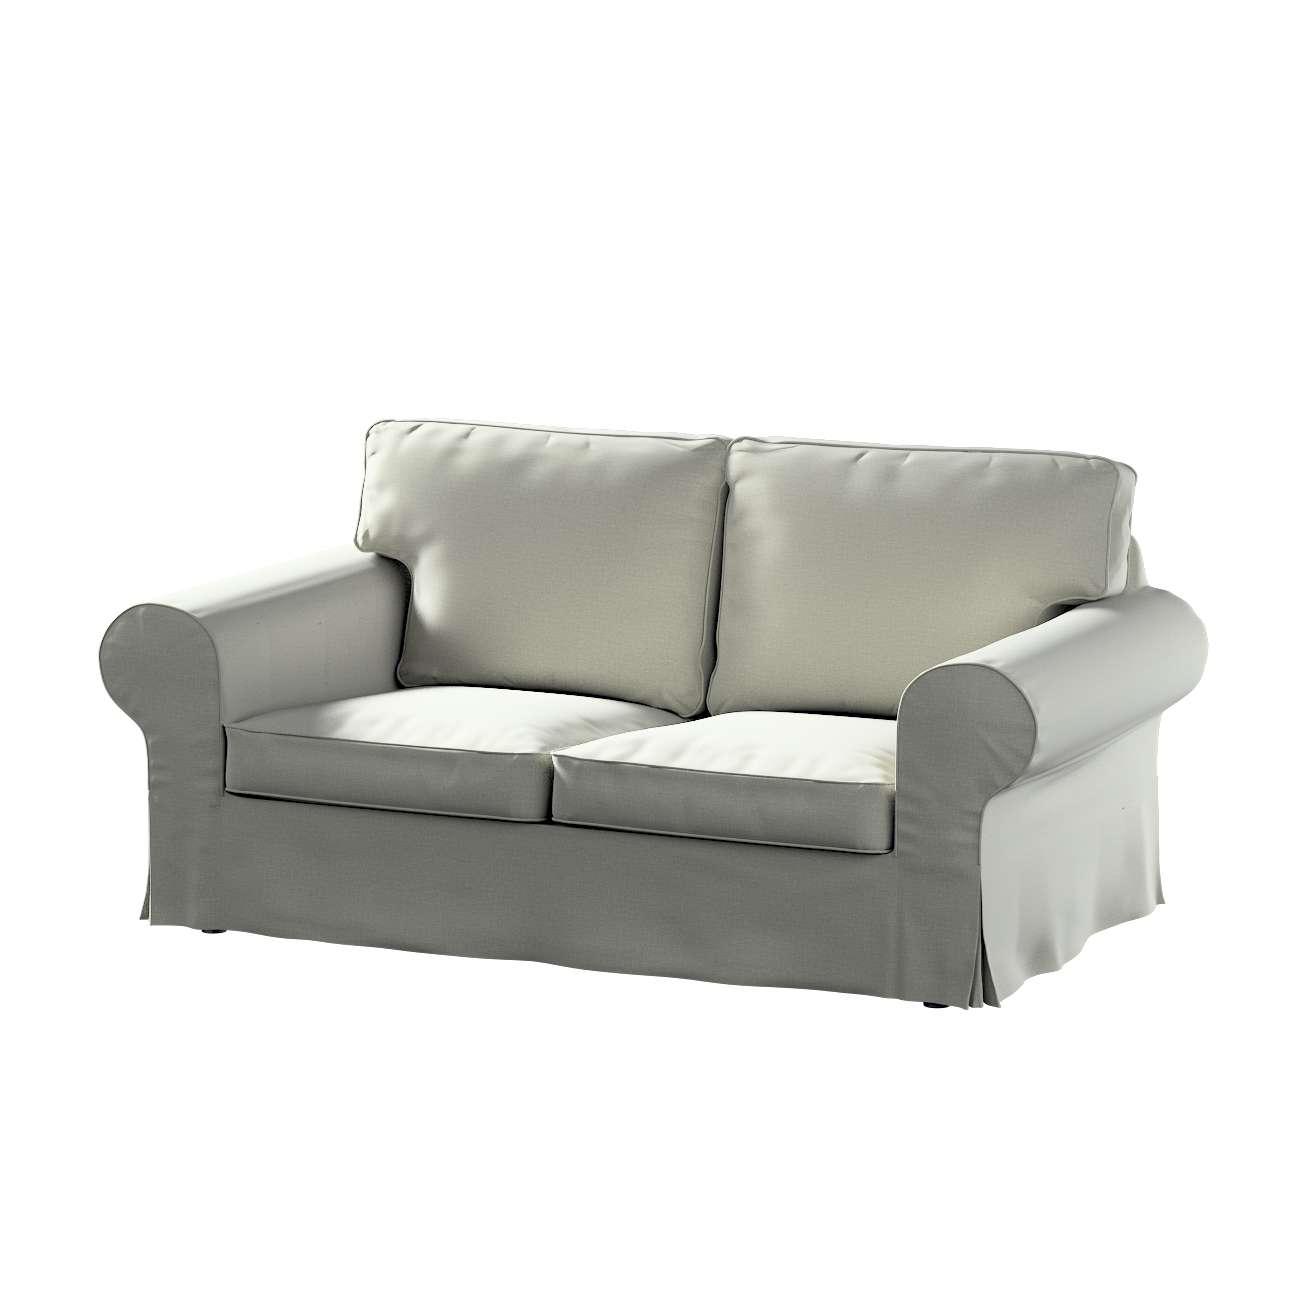 Poťah na sedačku Ektorp (rozkladacia, pre 2 osoby) NOVÝ MODEL 2012 V kolekcii Ingrid, tkanina: 705-41